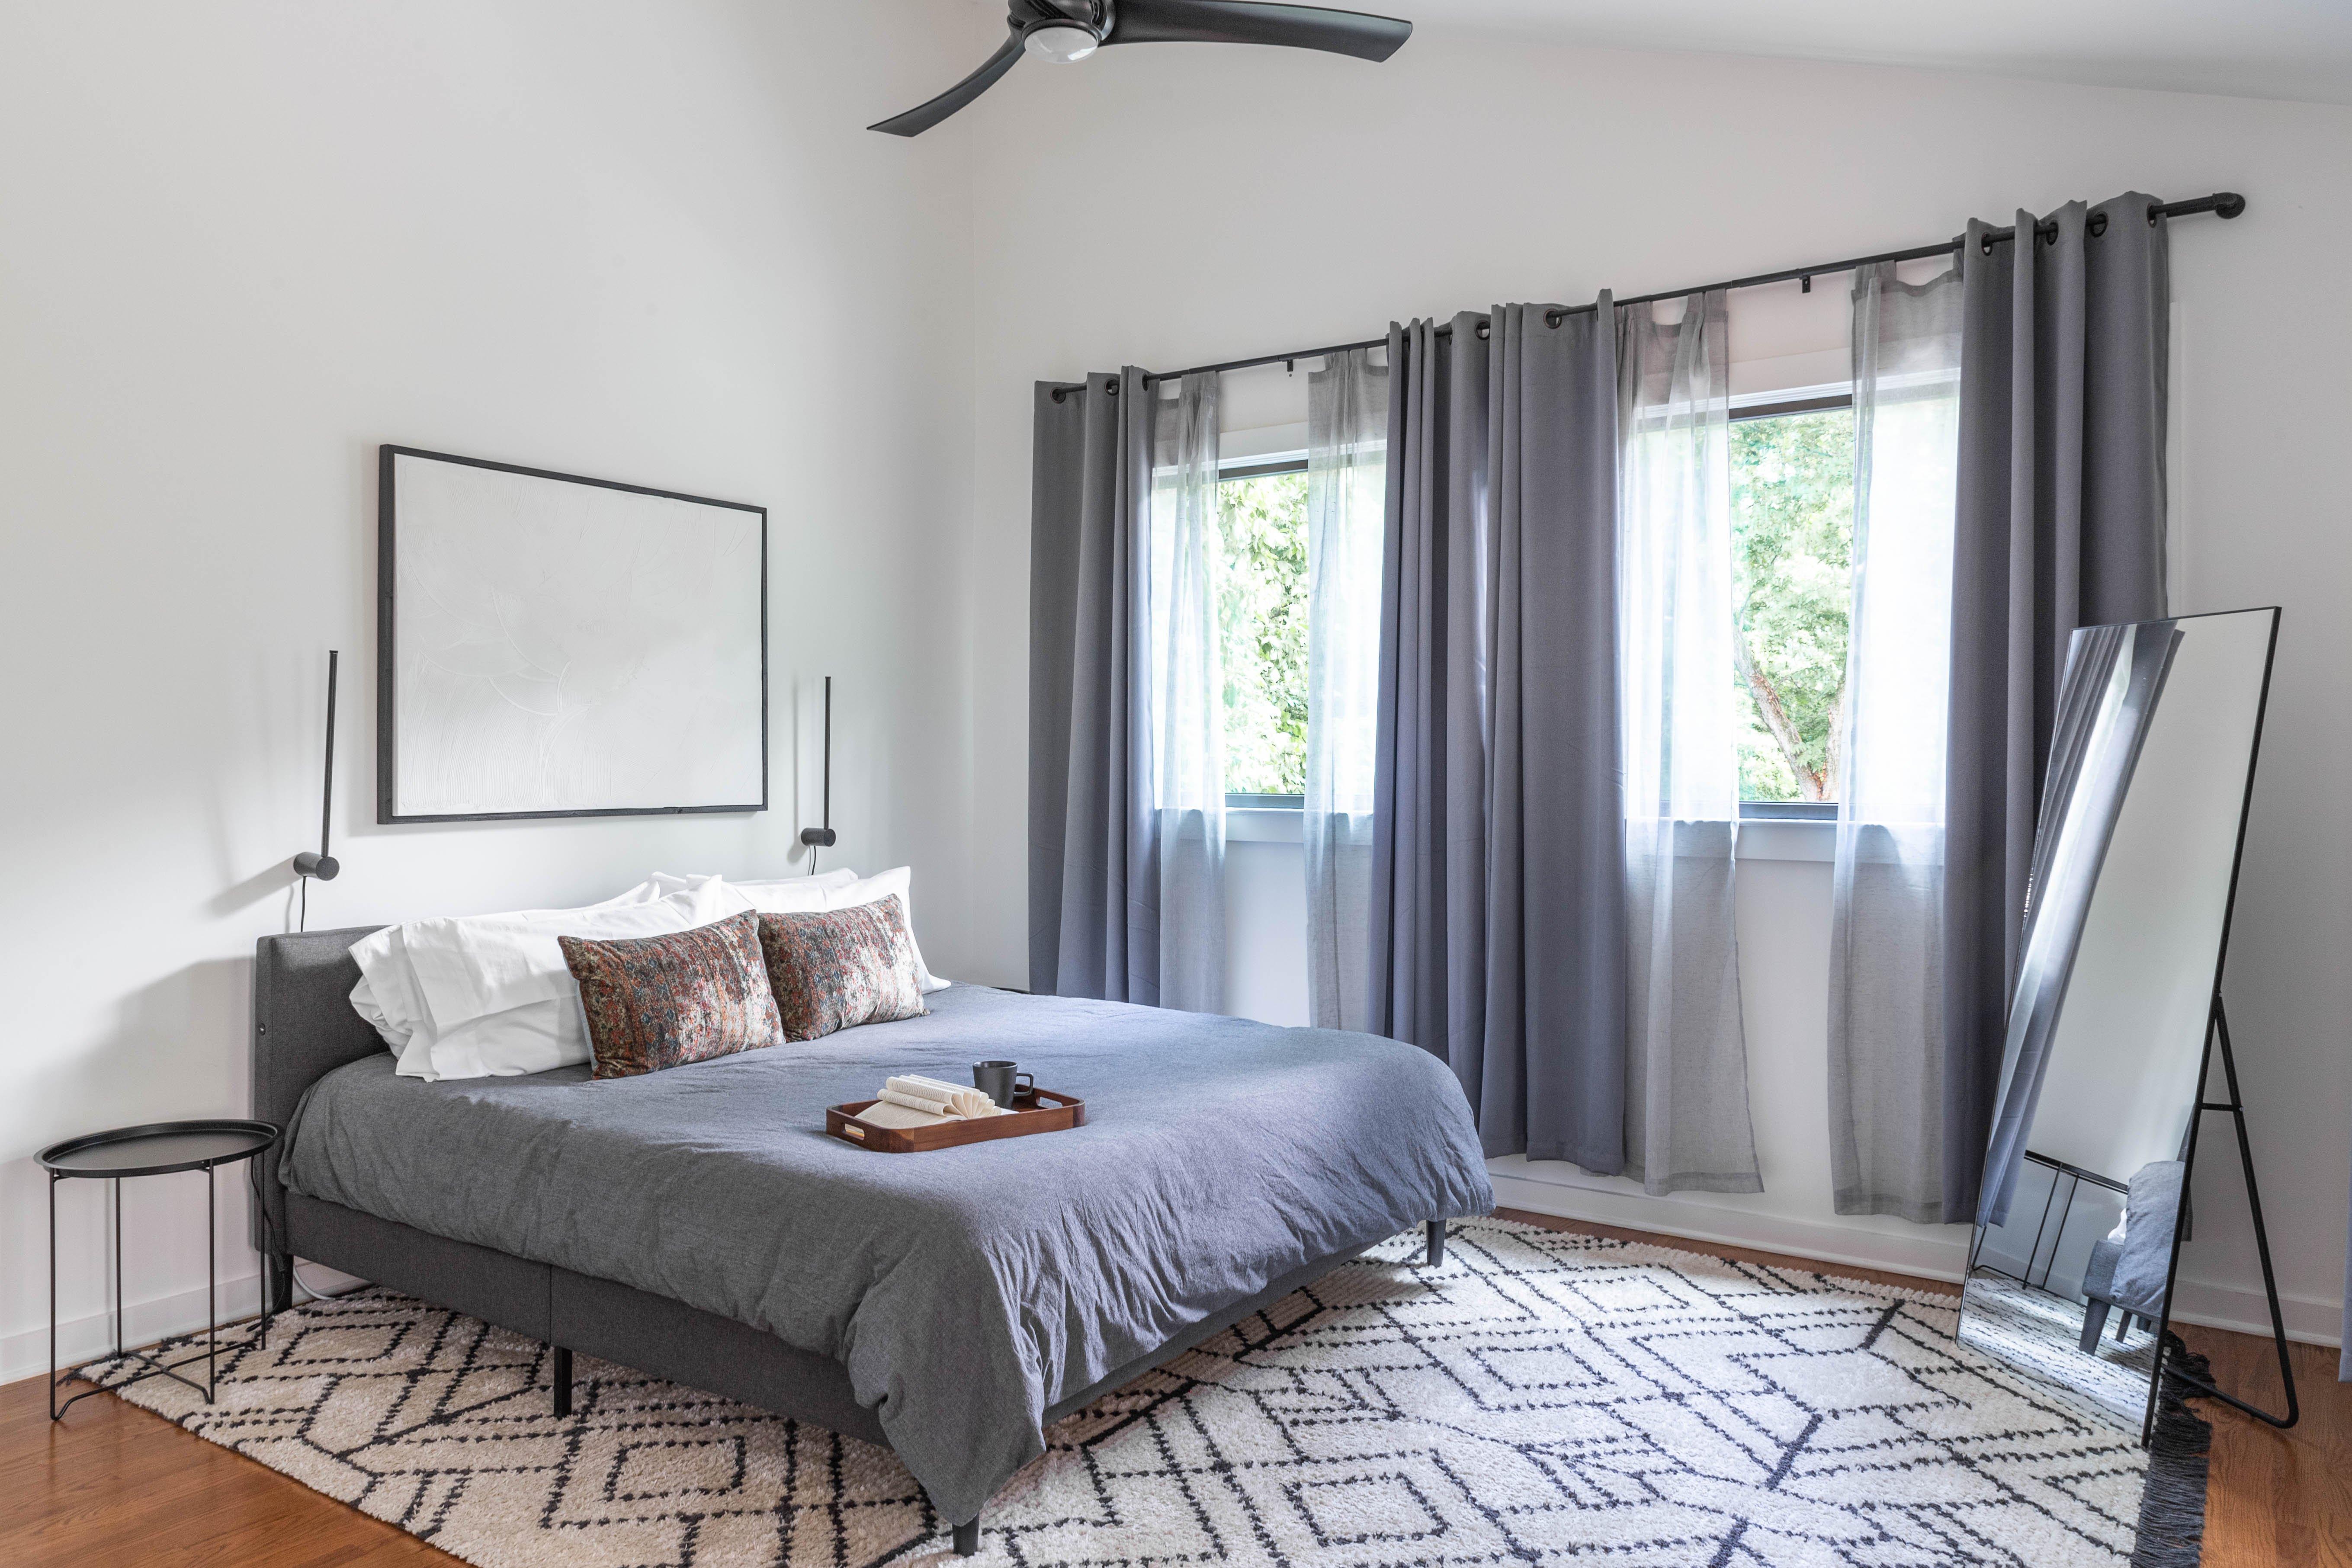 35 bedroom 4 20210707-IMG_8237-HDR.jpg